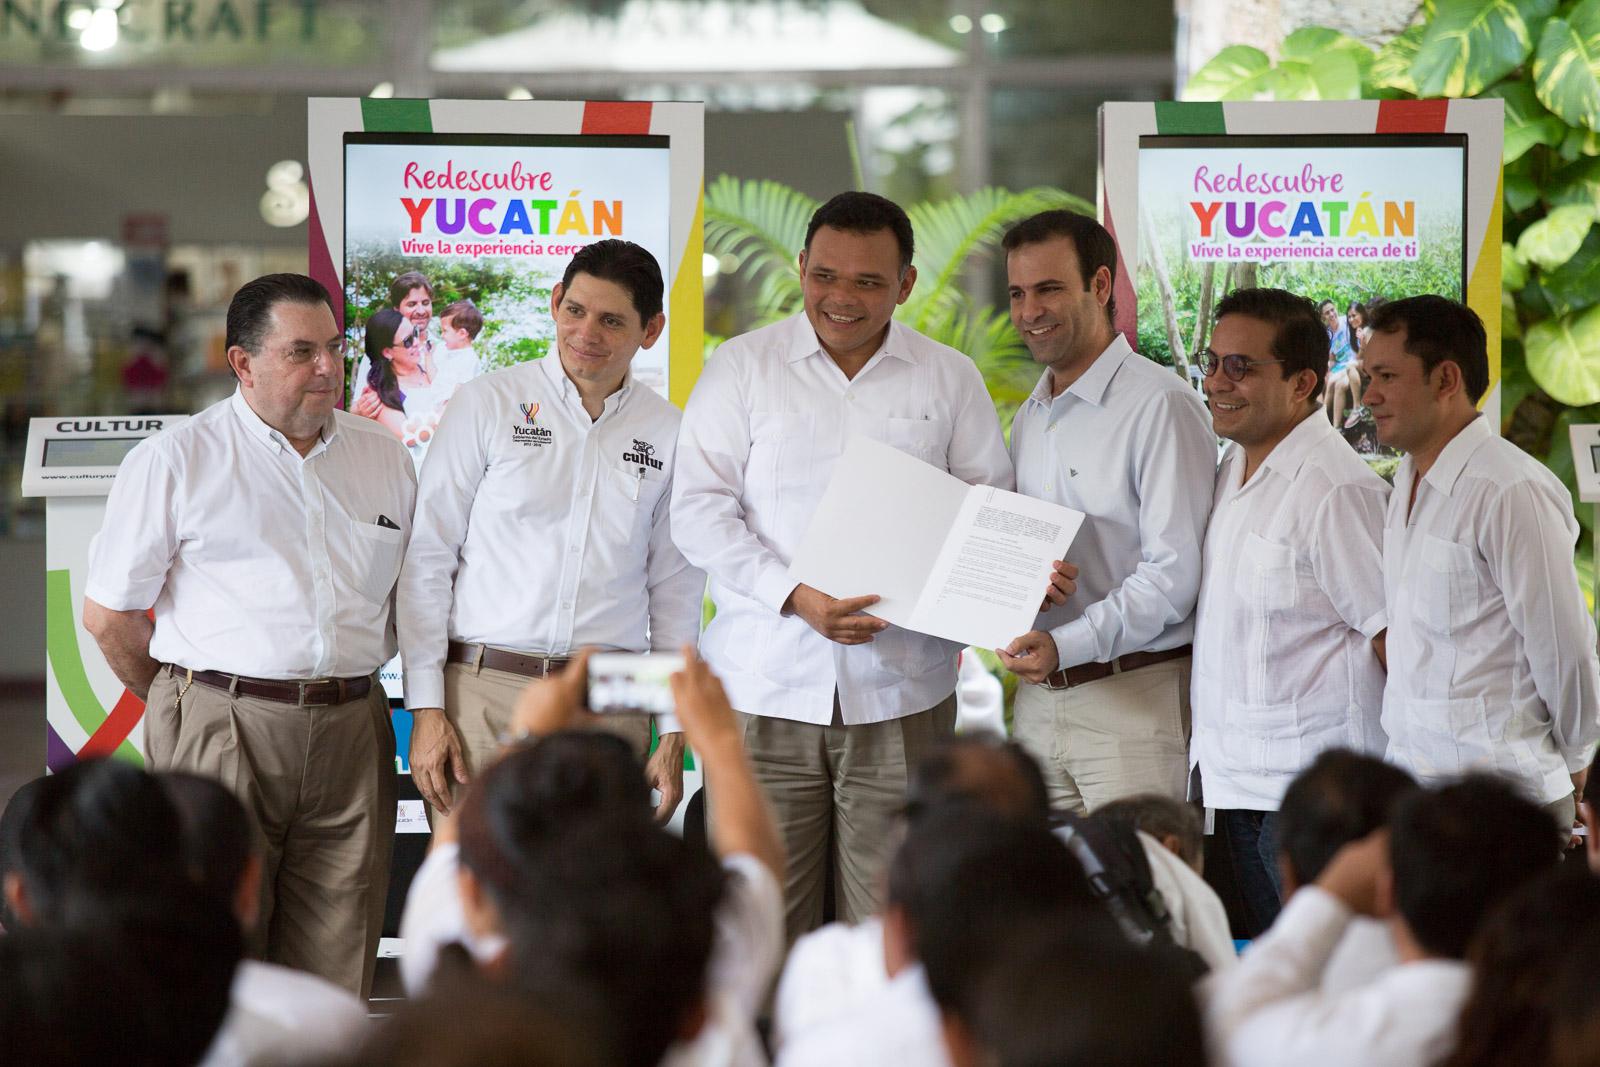 Activan internet gratuito en paradores turísticos de Yucatán